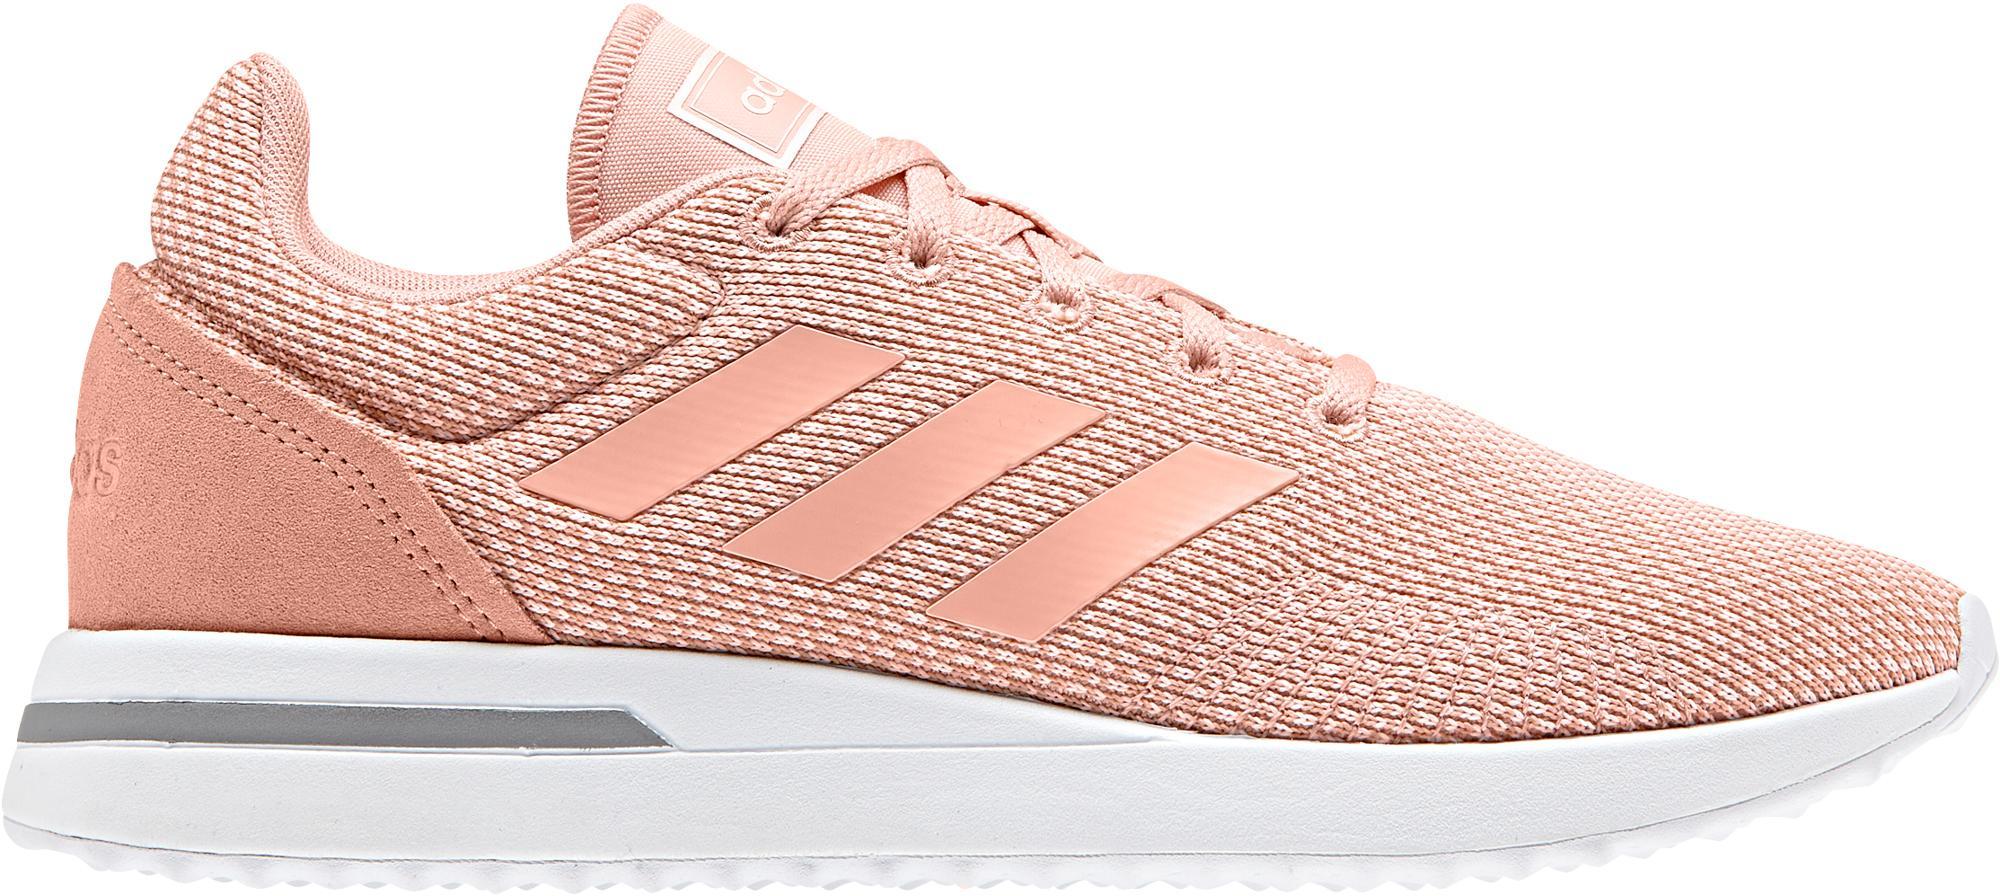 Adidas Run 70s 70s 70s Turnschuhe Damen legend marine im Online Shop von SportScheck kaufen Gute Qualität beliebte Schuhe 1c939f